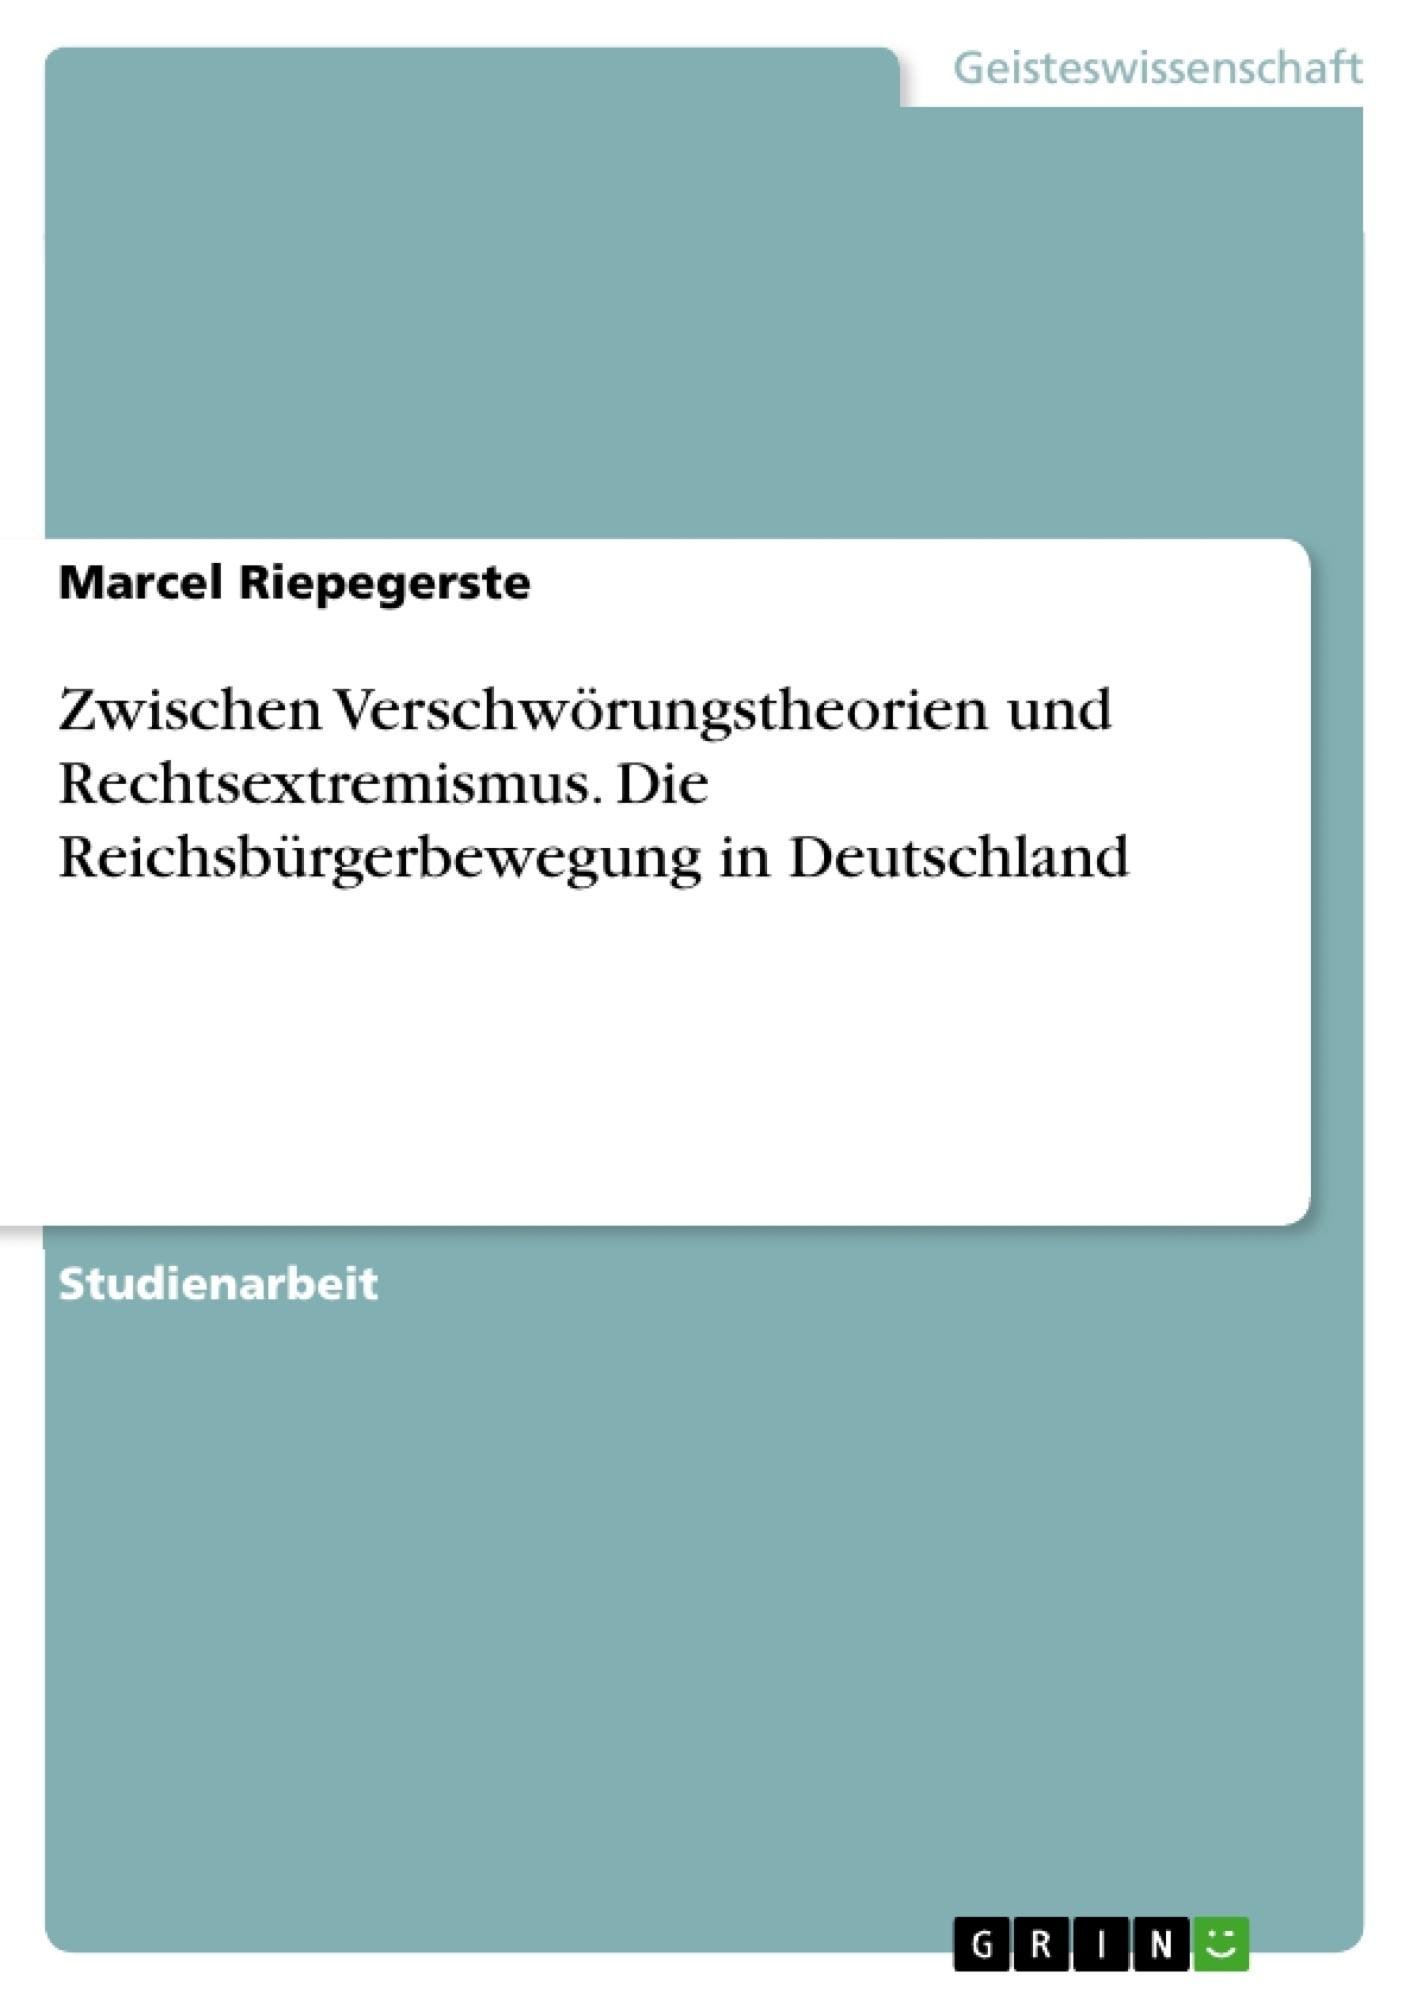 Titel: Zwischen Verschwörungstheorien und Rechtsextremismus. Die Reichsbürgerbewegung in Deutschland